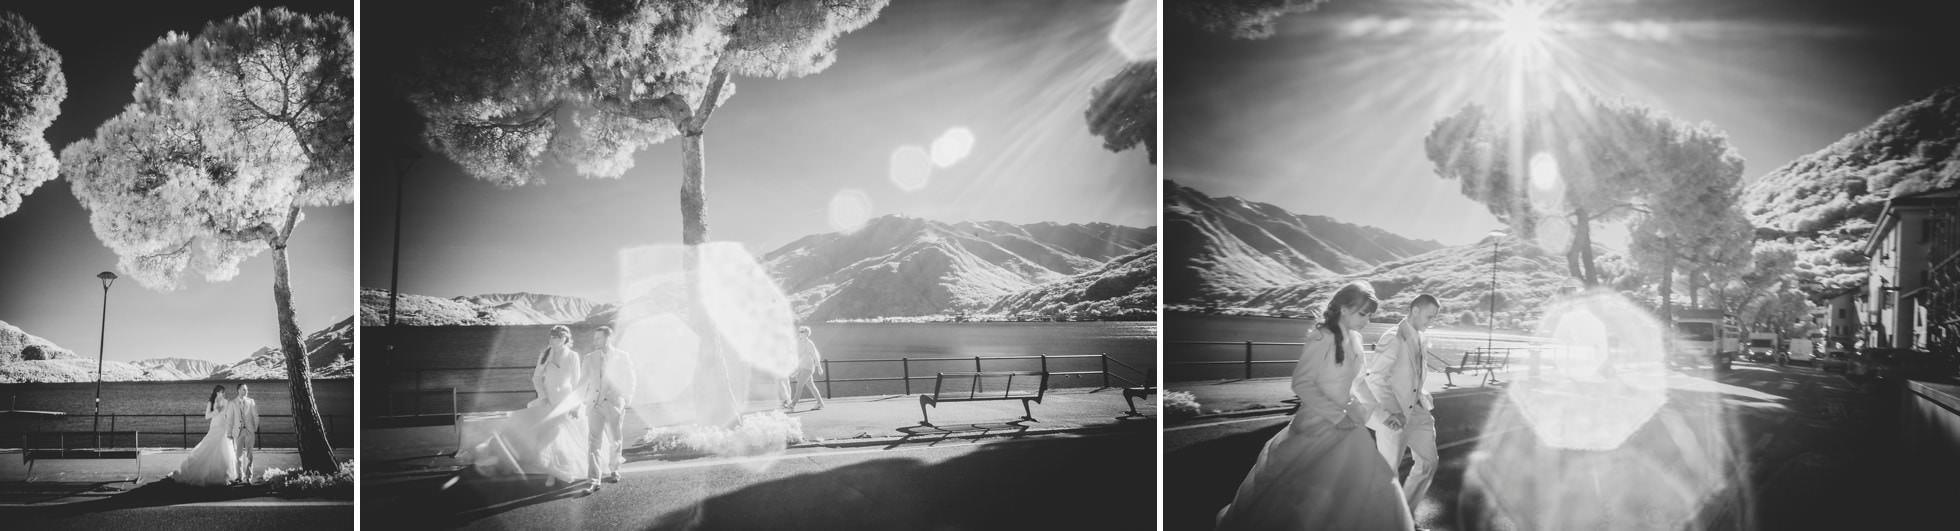 Fotografo matrimonio lake como